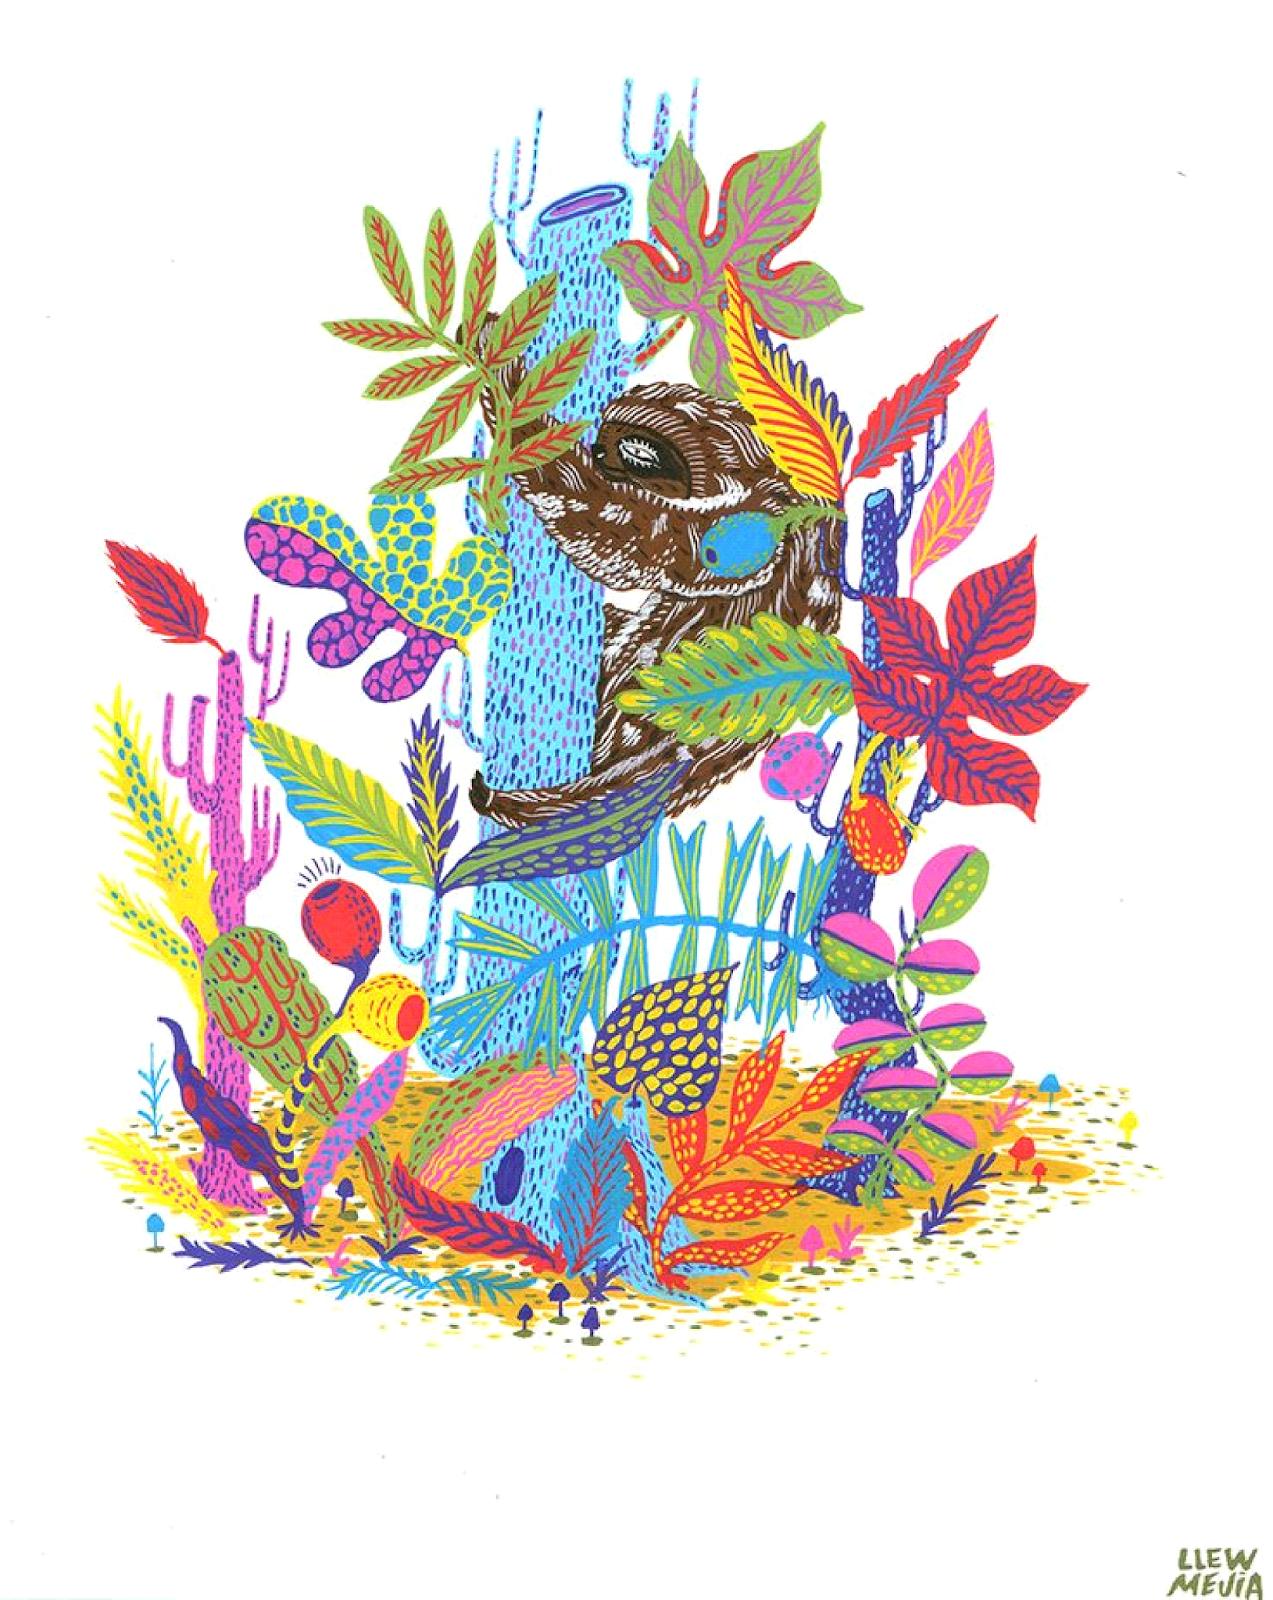 Ma Bicyclette: Inspiring Artists | Llew Mejia - sloth illustration design